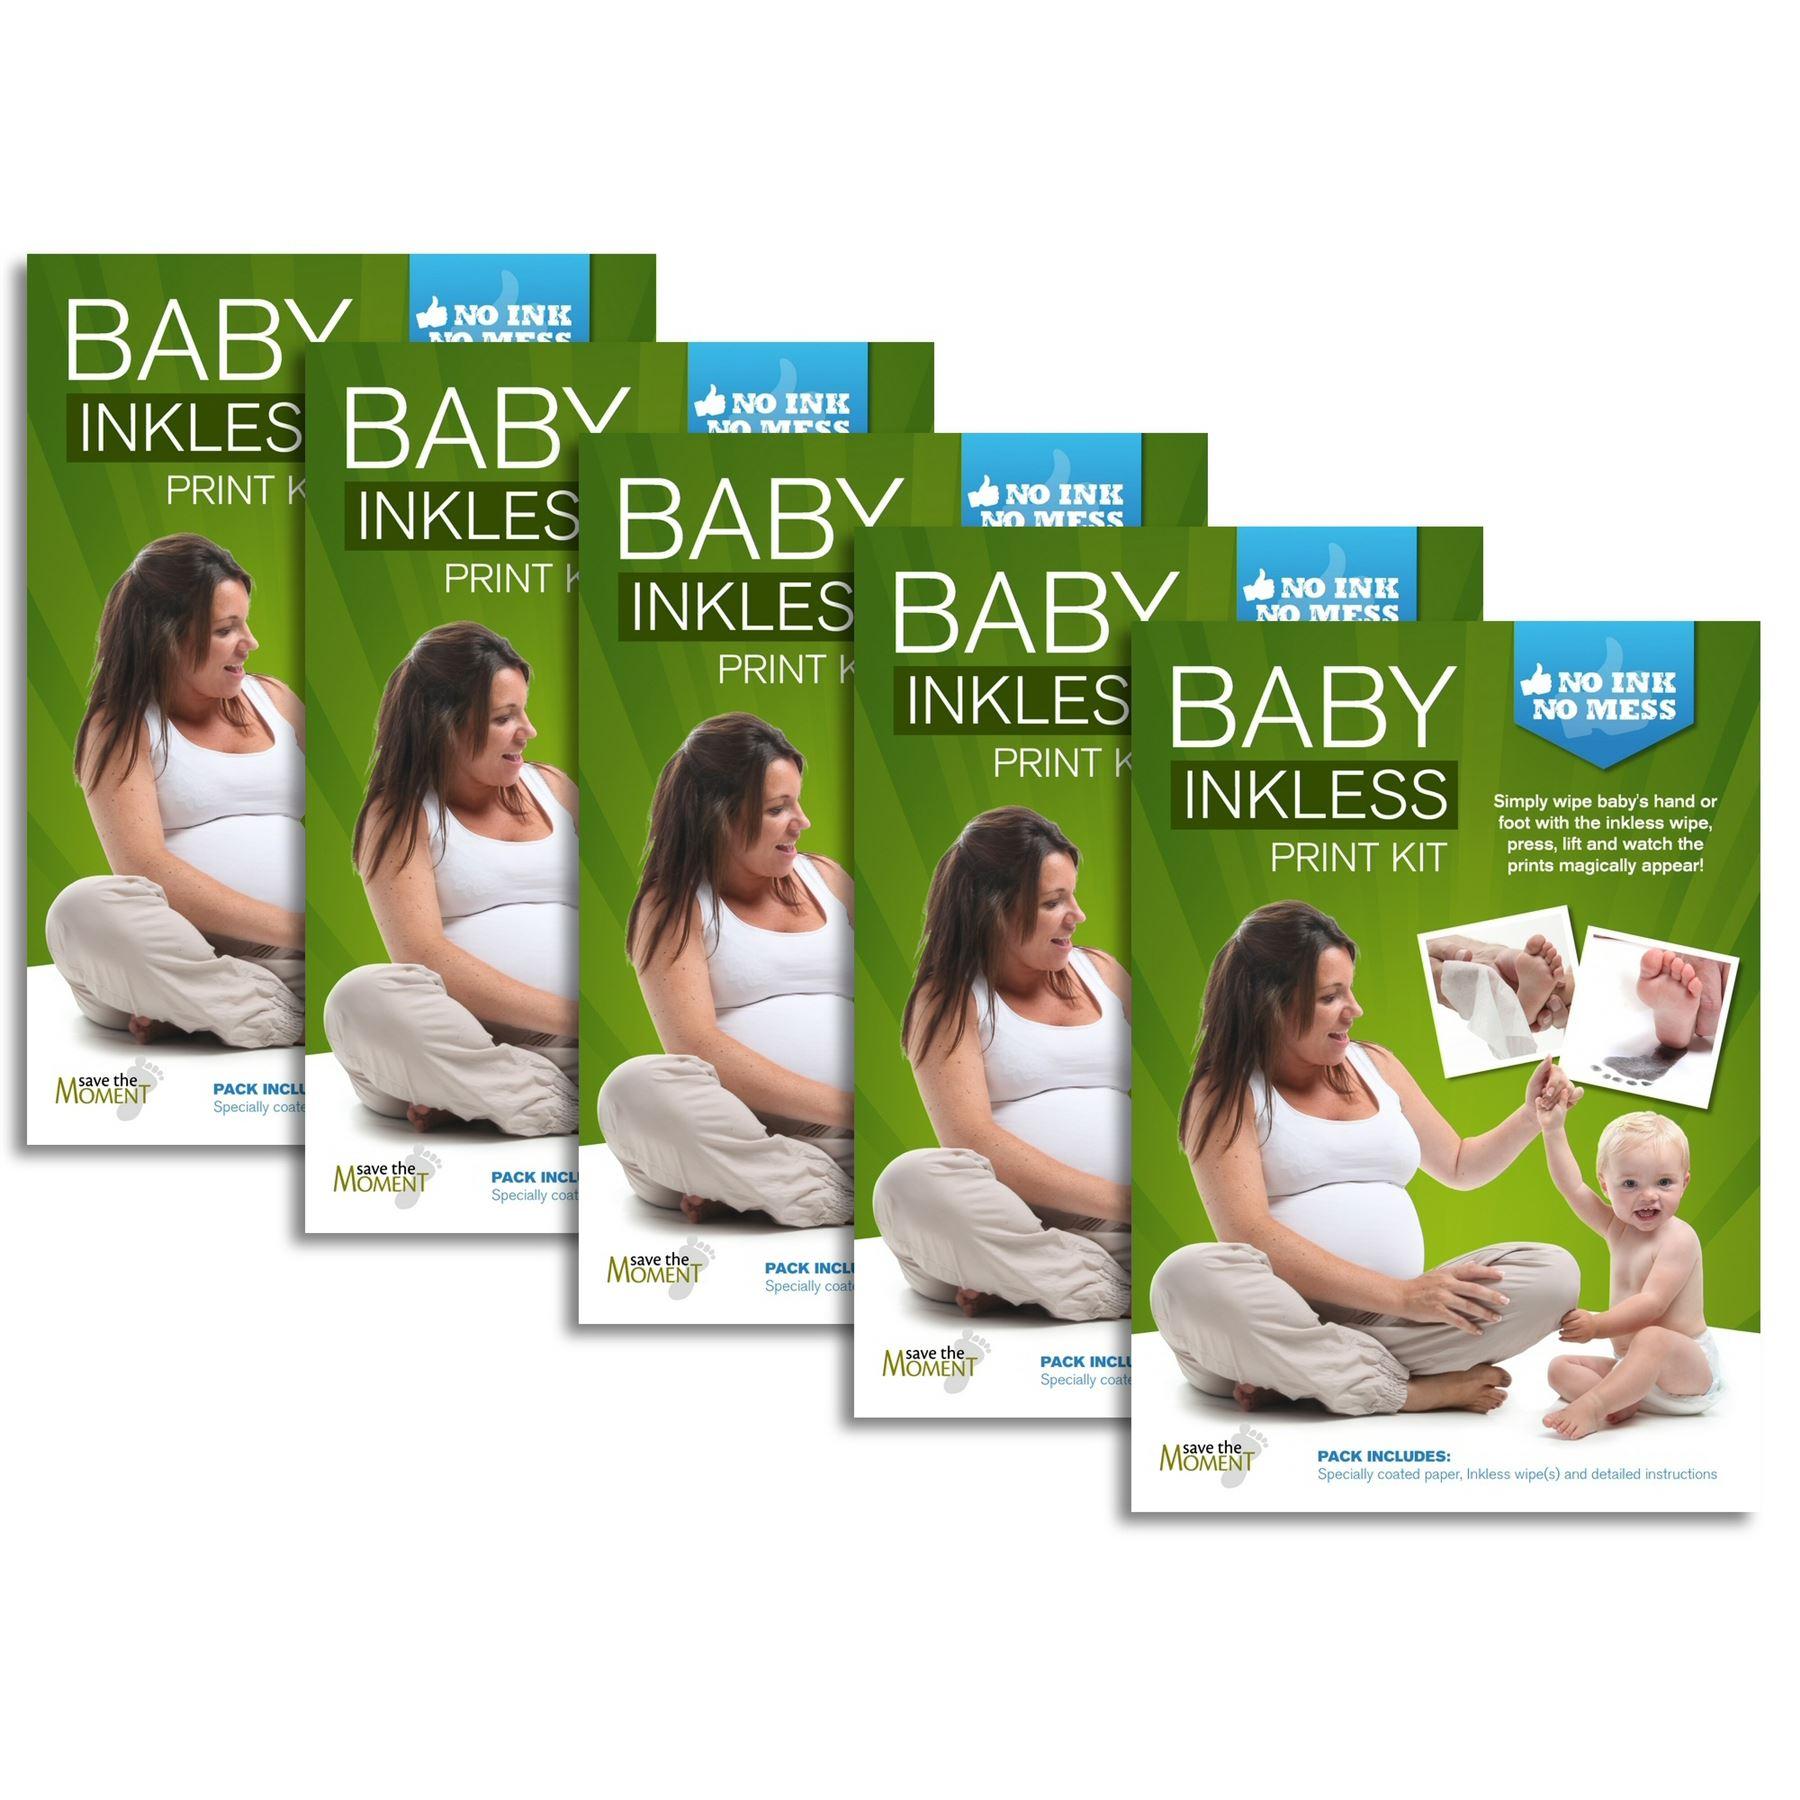 Kit de Huellas de Beb/é Ideal para montar un marco de fotos para huellas del beb/é para regalar o guardar como recuerdo Limpio y Seguro Incluye 1 toallitas especial y 4 hojas de papel sin tinta